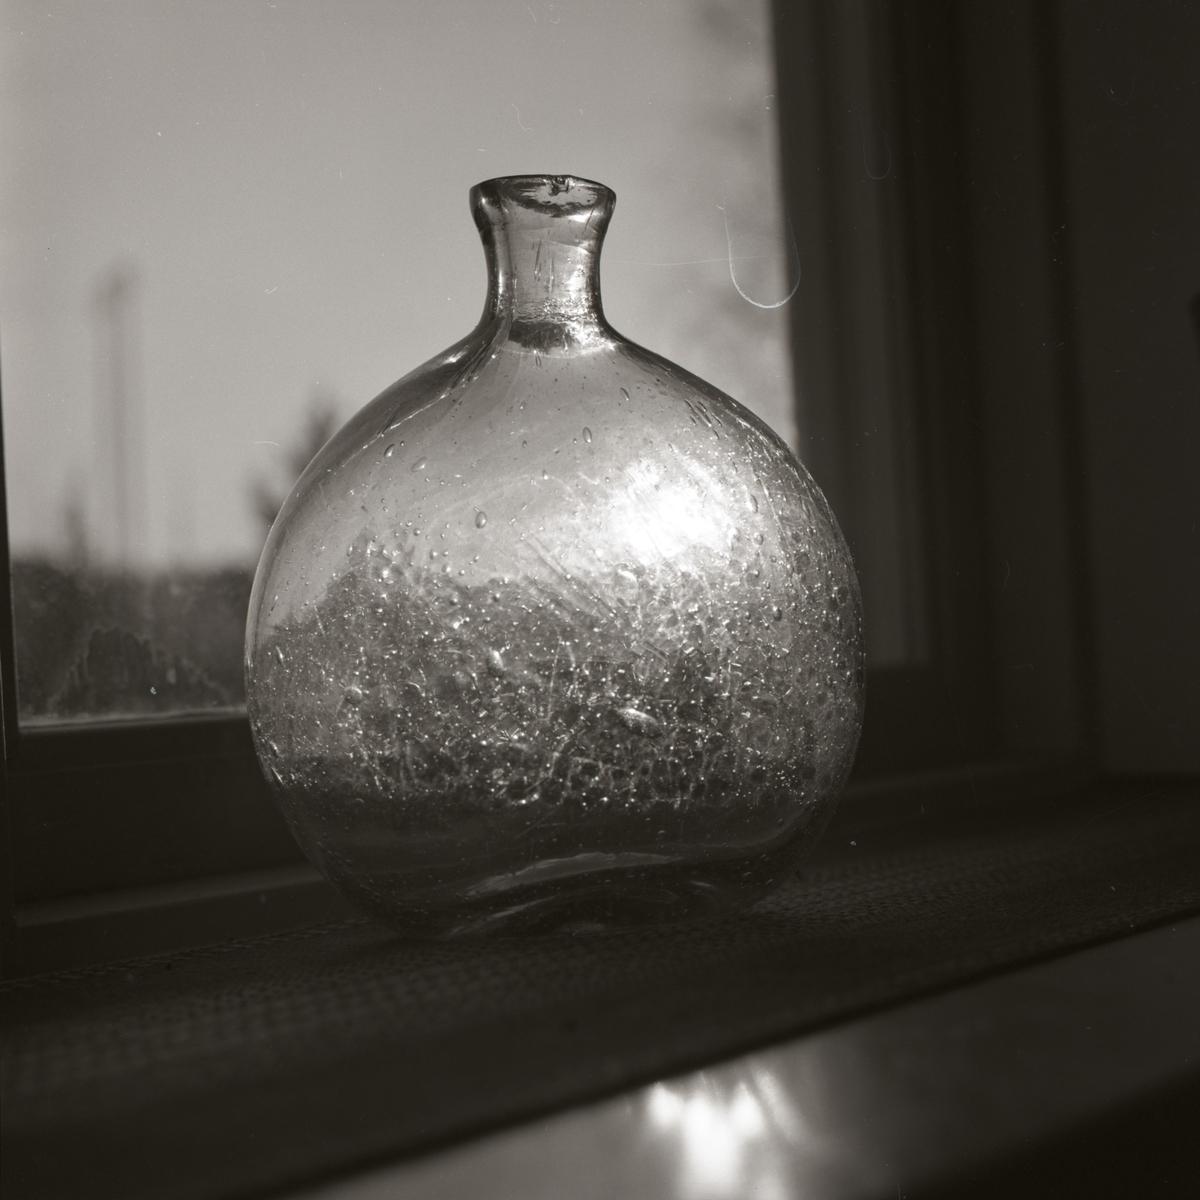 En rund glasflaska står i en fönsterkarm och solljuset reflekteras genom glaset, 1968-1969.